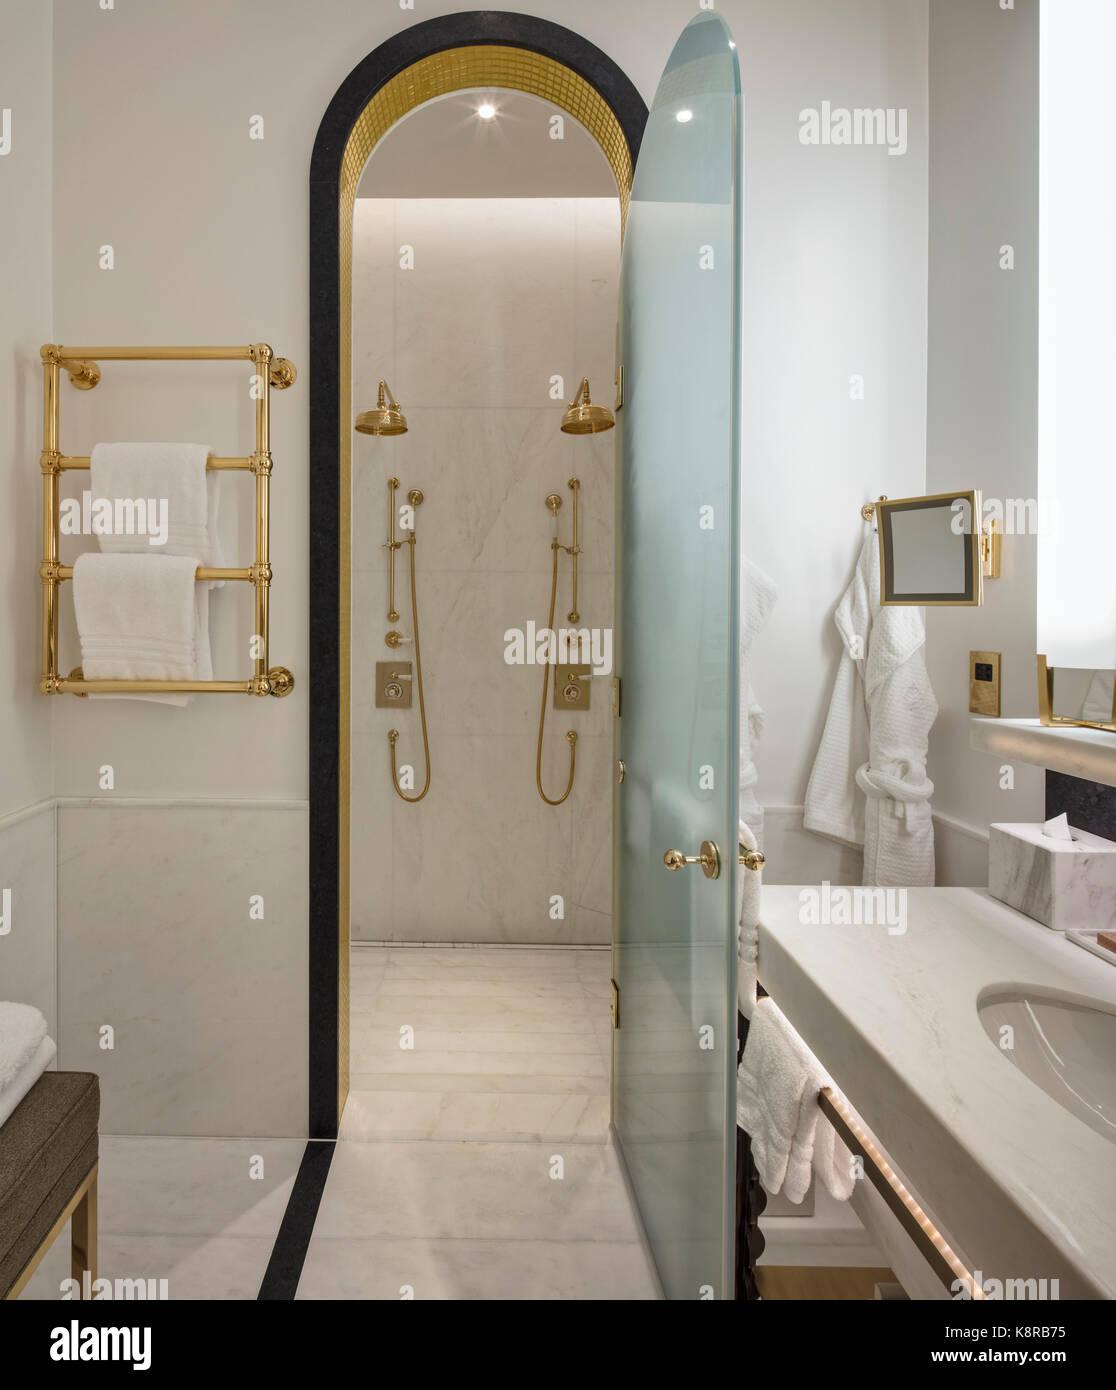 Salle De Bain Luxe Hotel ~ une salle de bains privative de luxe 10 la place de la trinit